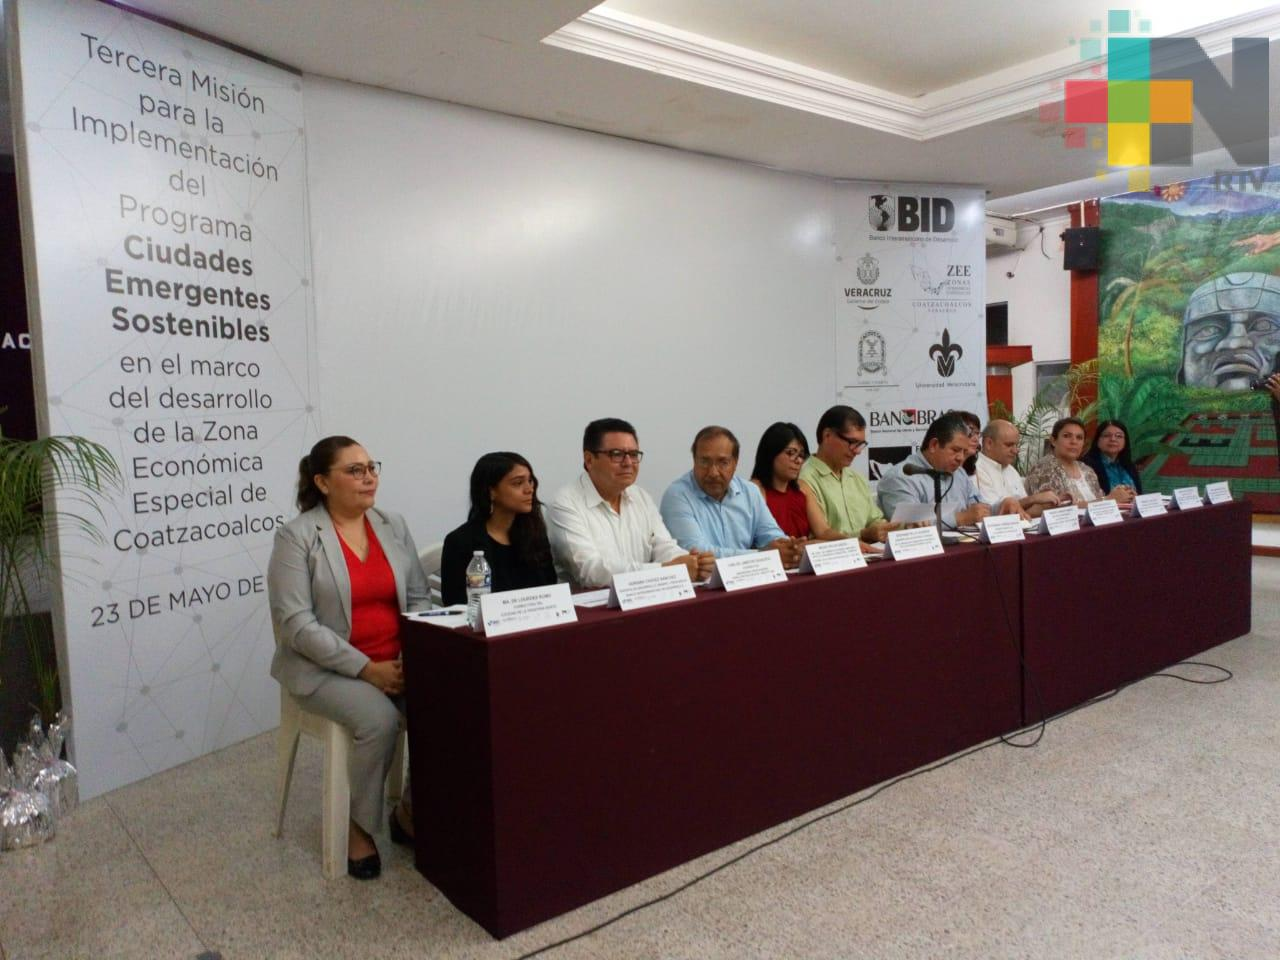 Realizan tercera misión para convertir a Coatzacoalcos en ciudad emergente sostenible